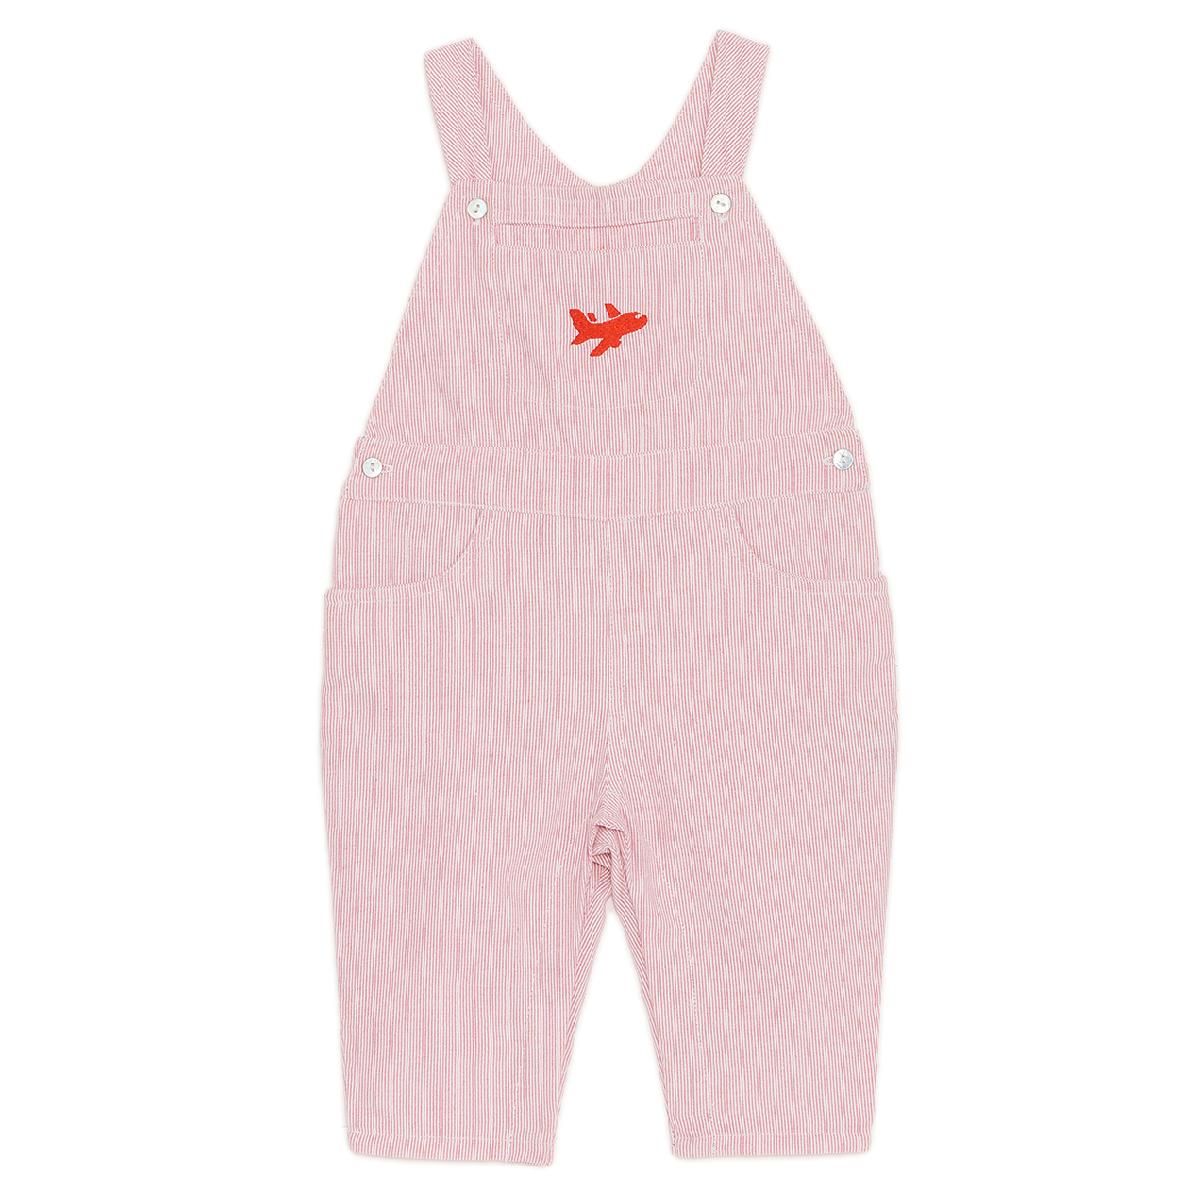 salopette-bébé-garçon-rayures-rouges-pérou